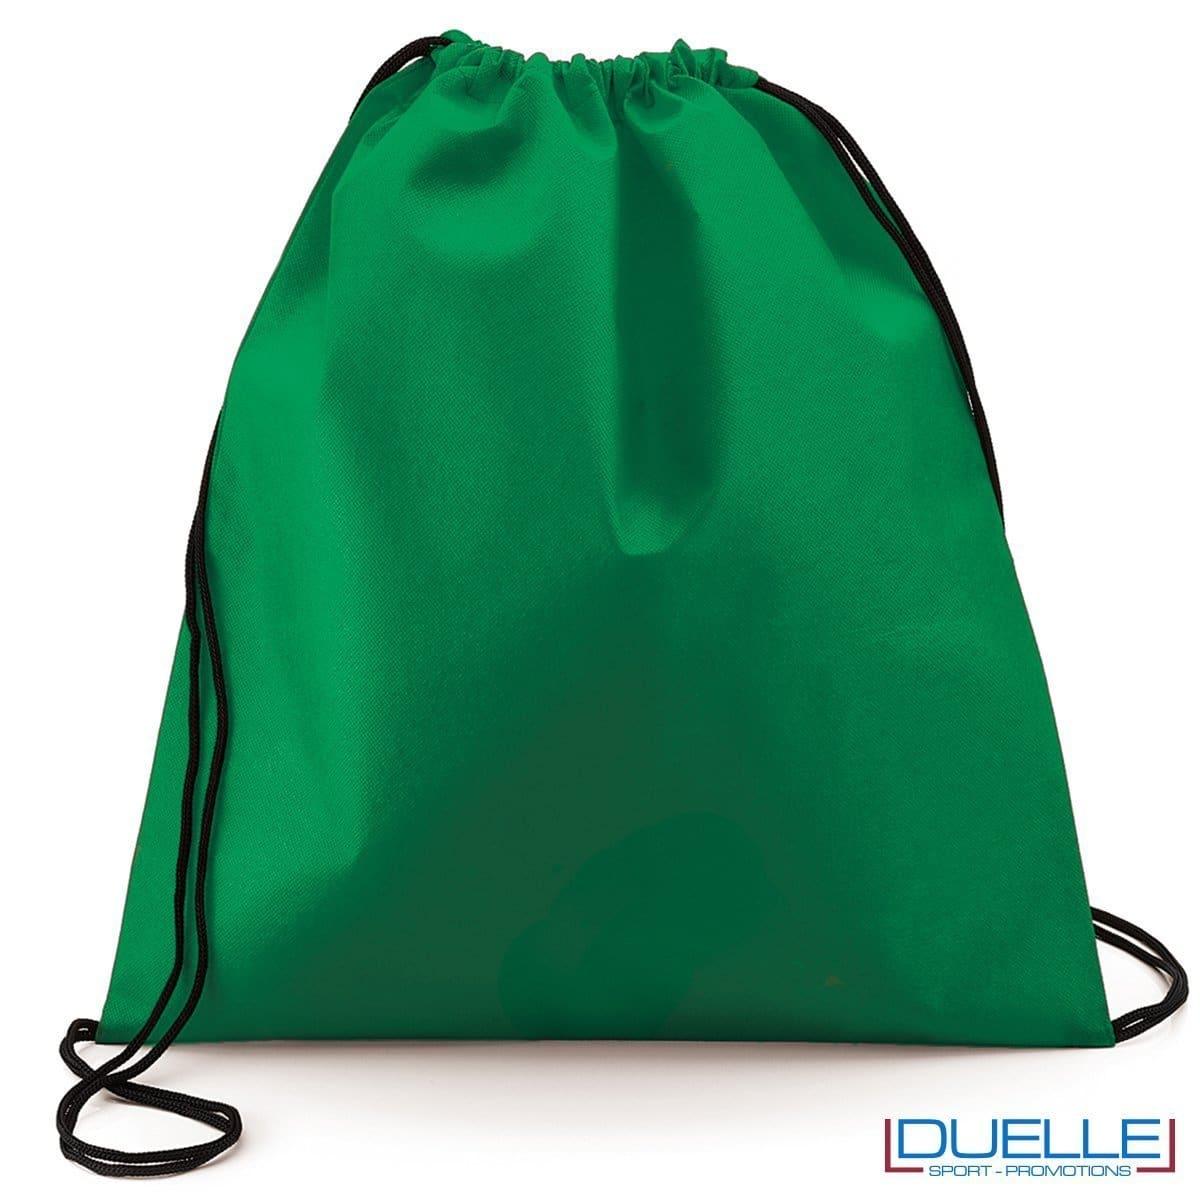 zainetto sportivo personalizzato in tnt di colore verde, gadget sportivi personalizzati